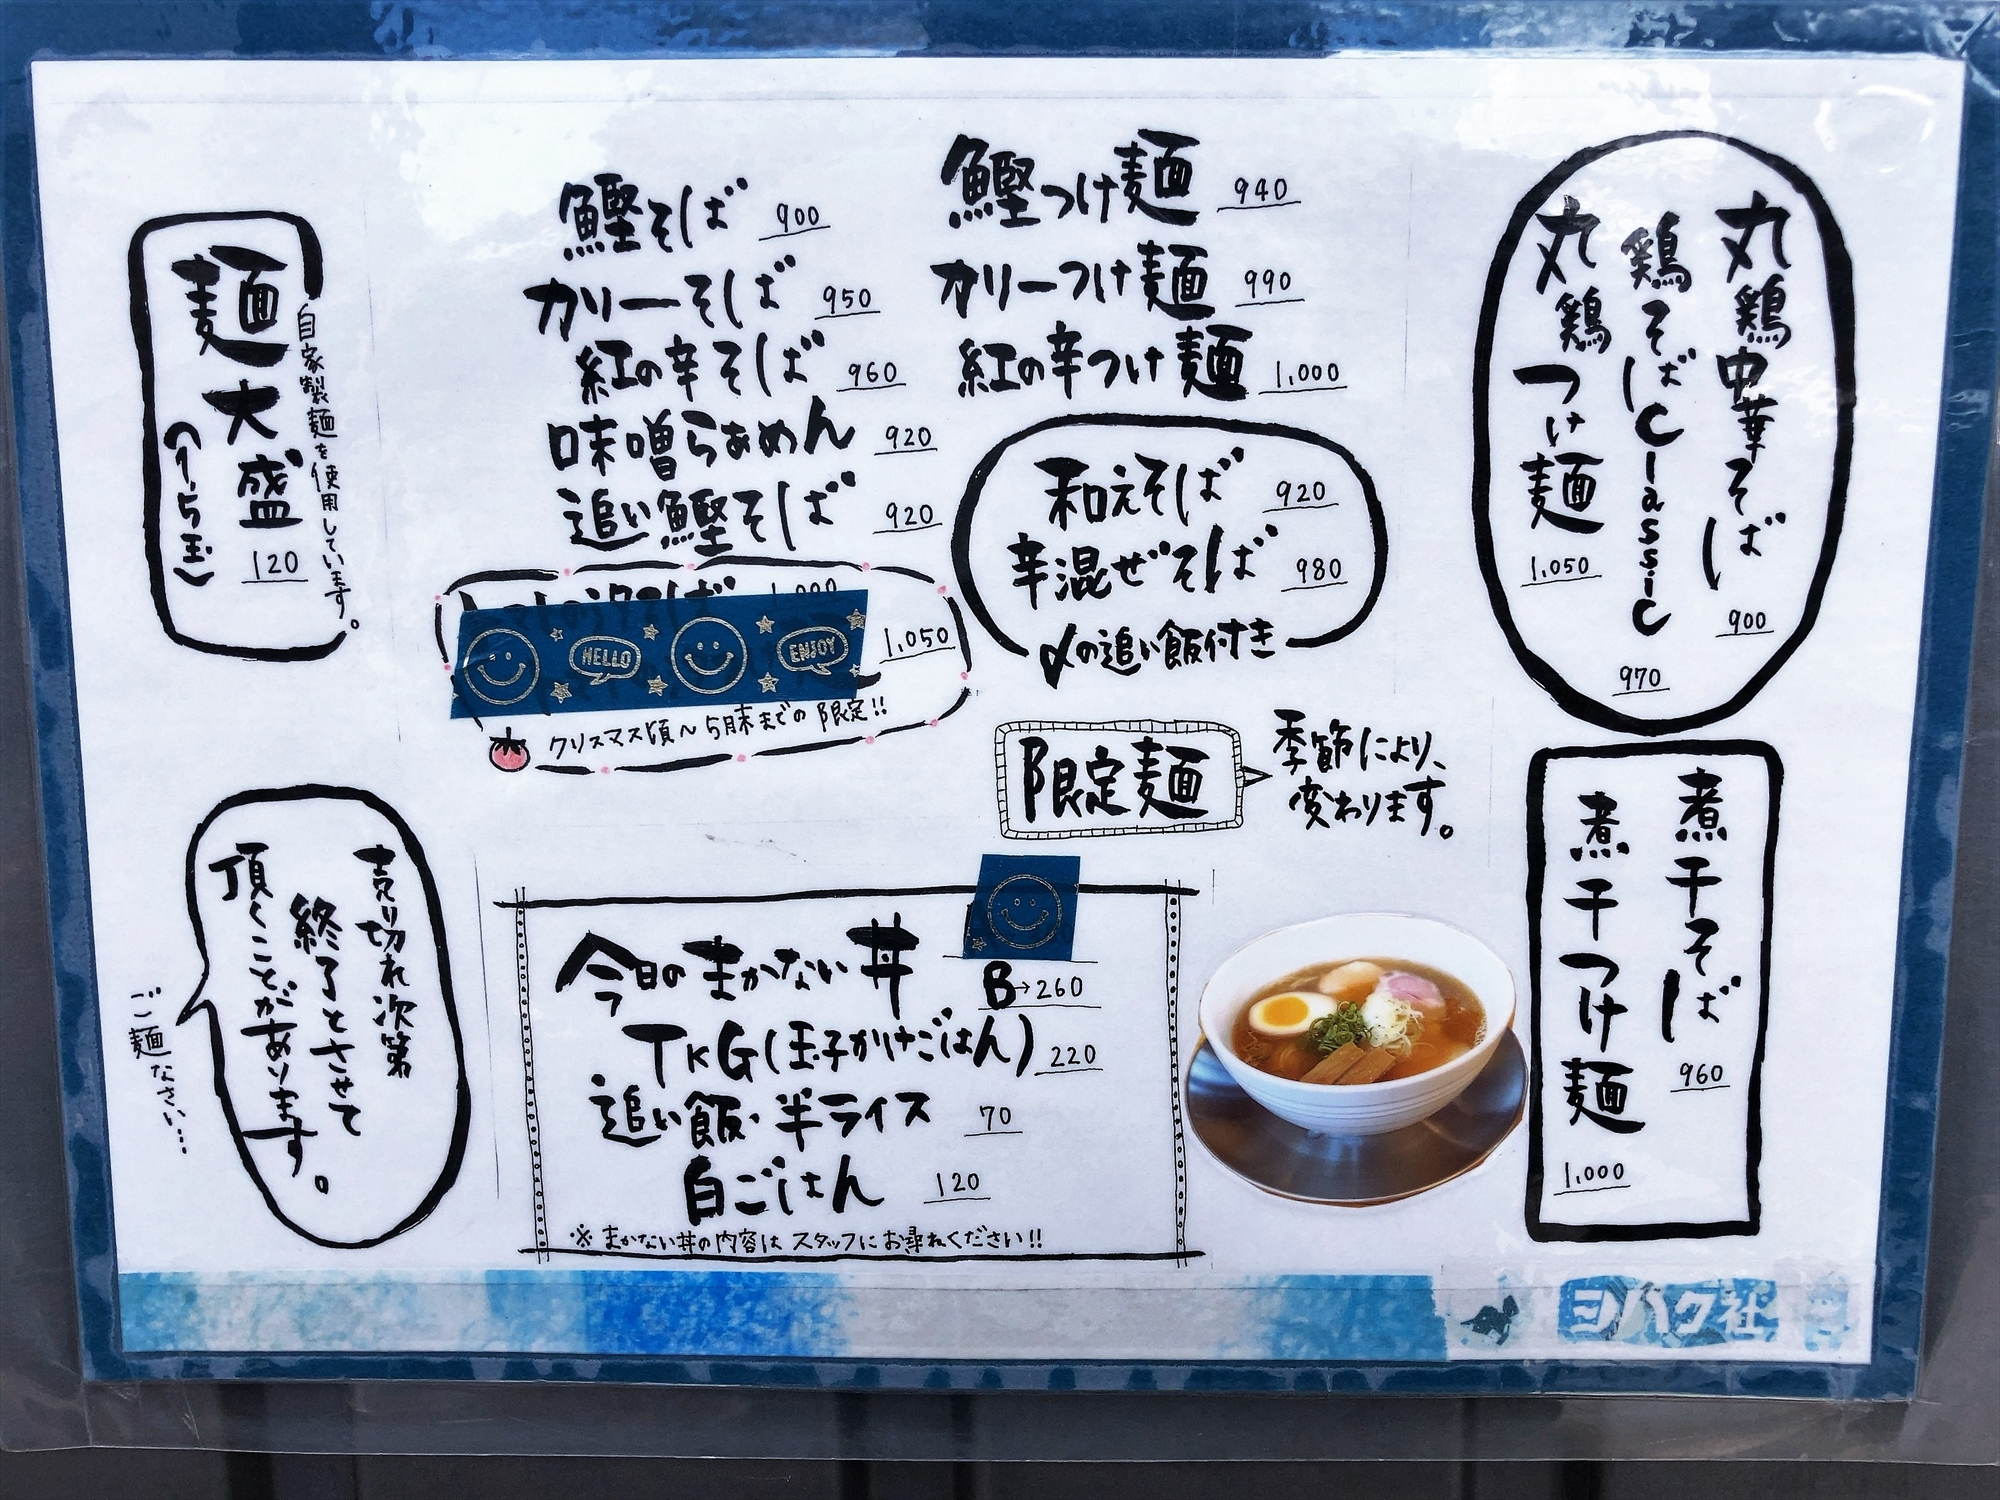 らぁ麺 めん奏心のメニュー